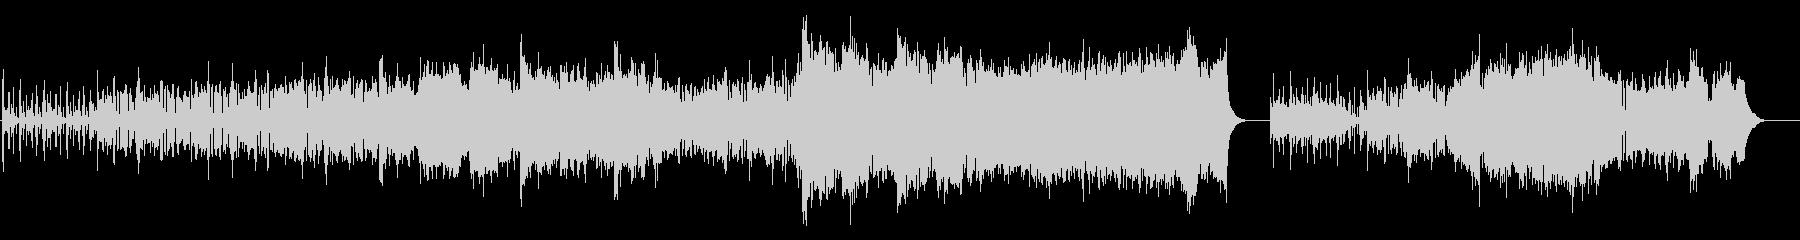 バグパイプを使った行進曲的なBGMの未再生の波形